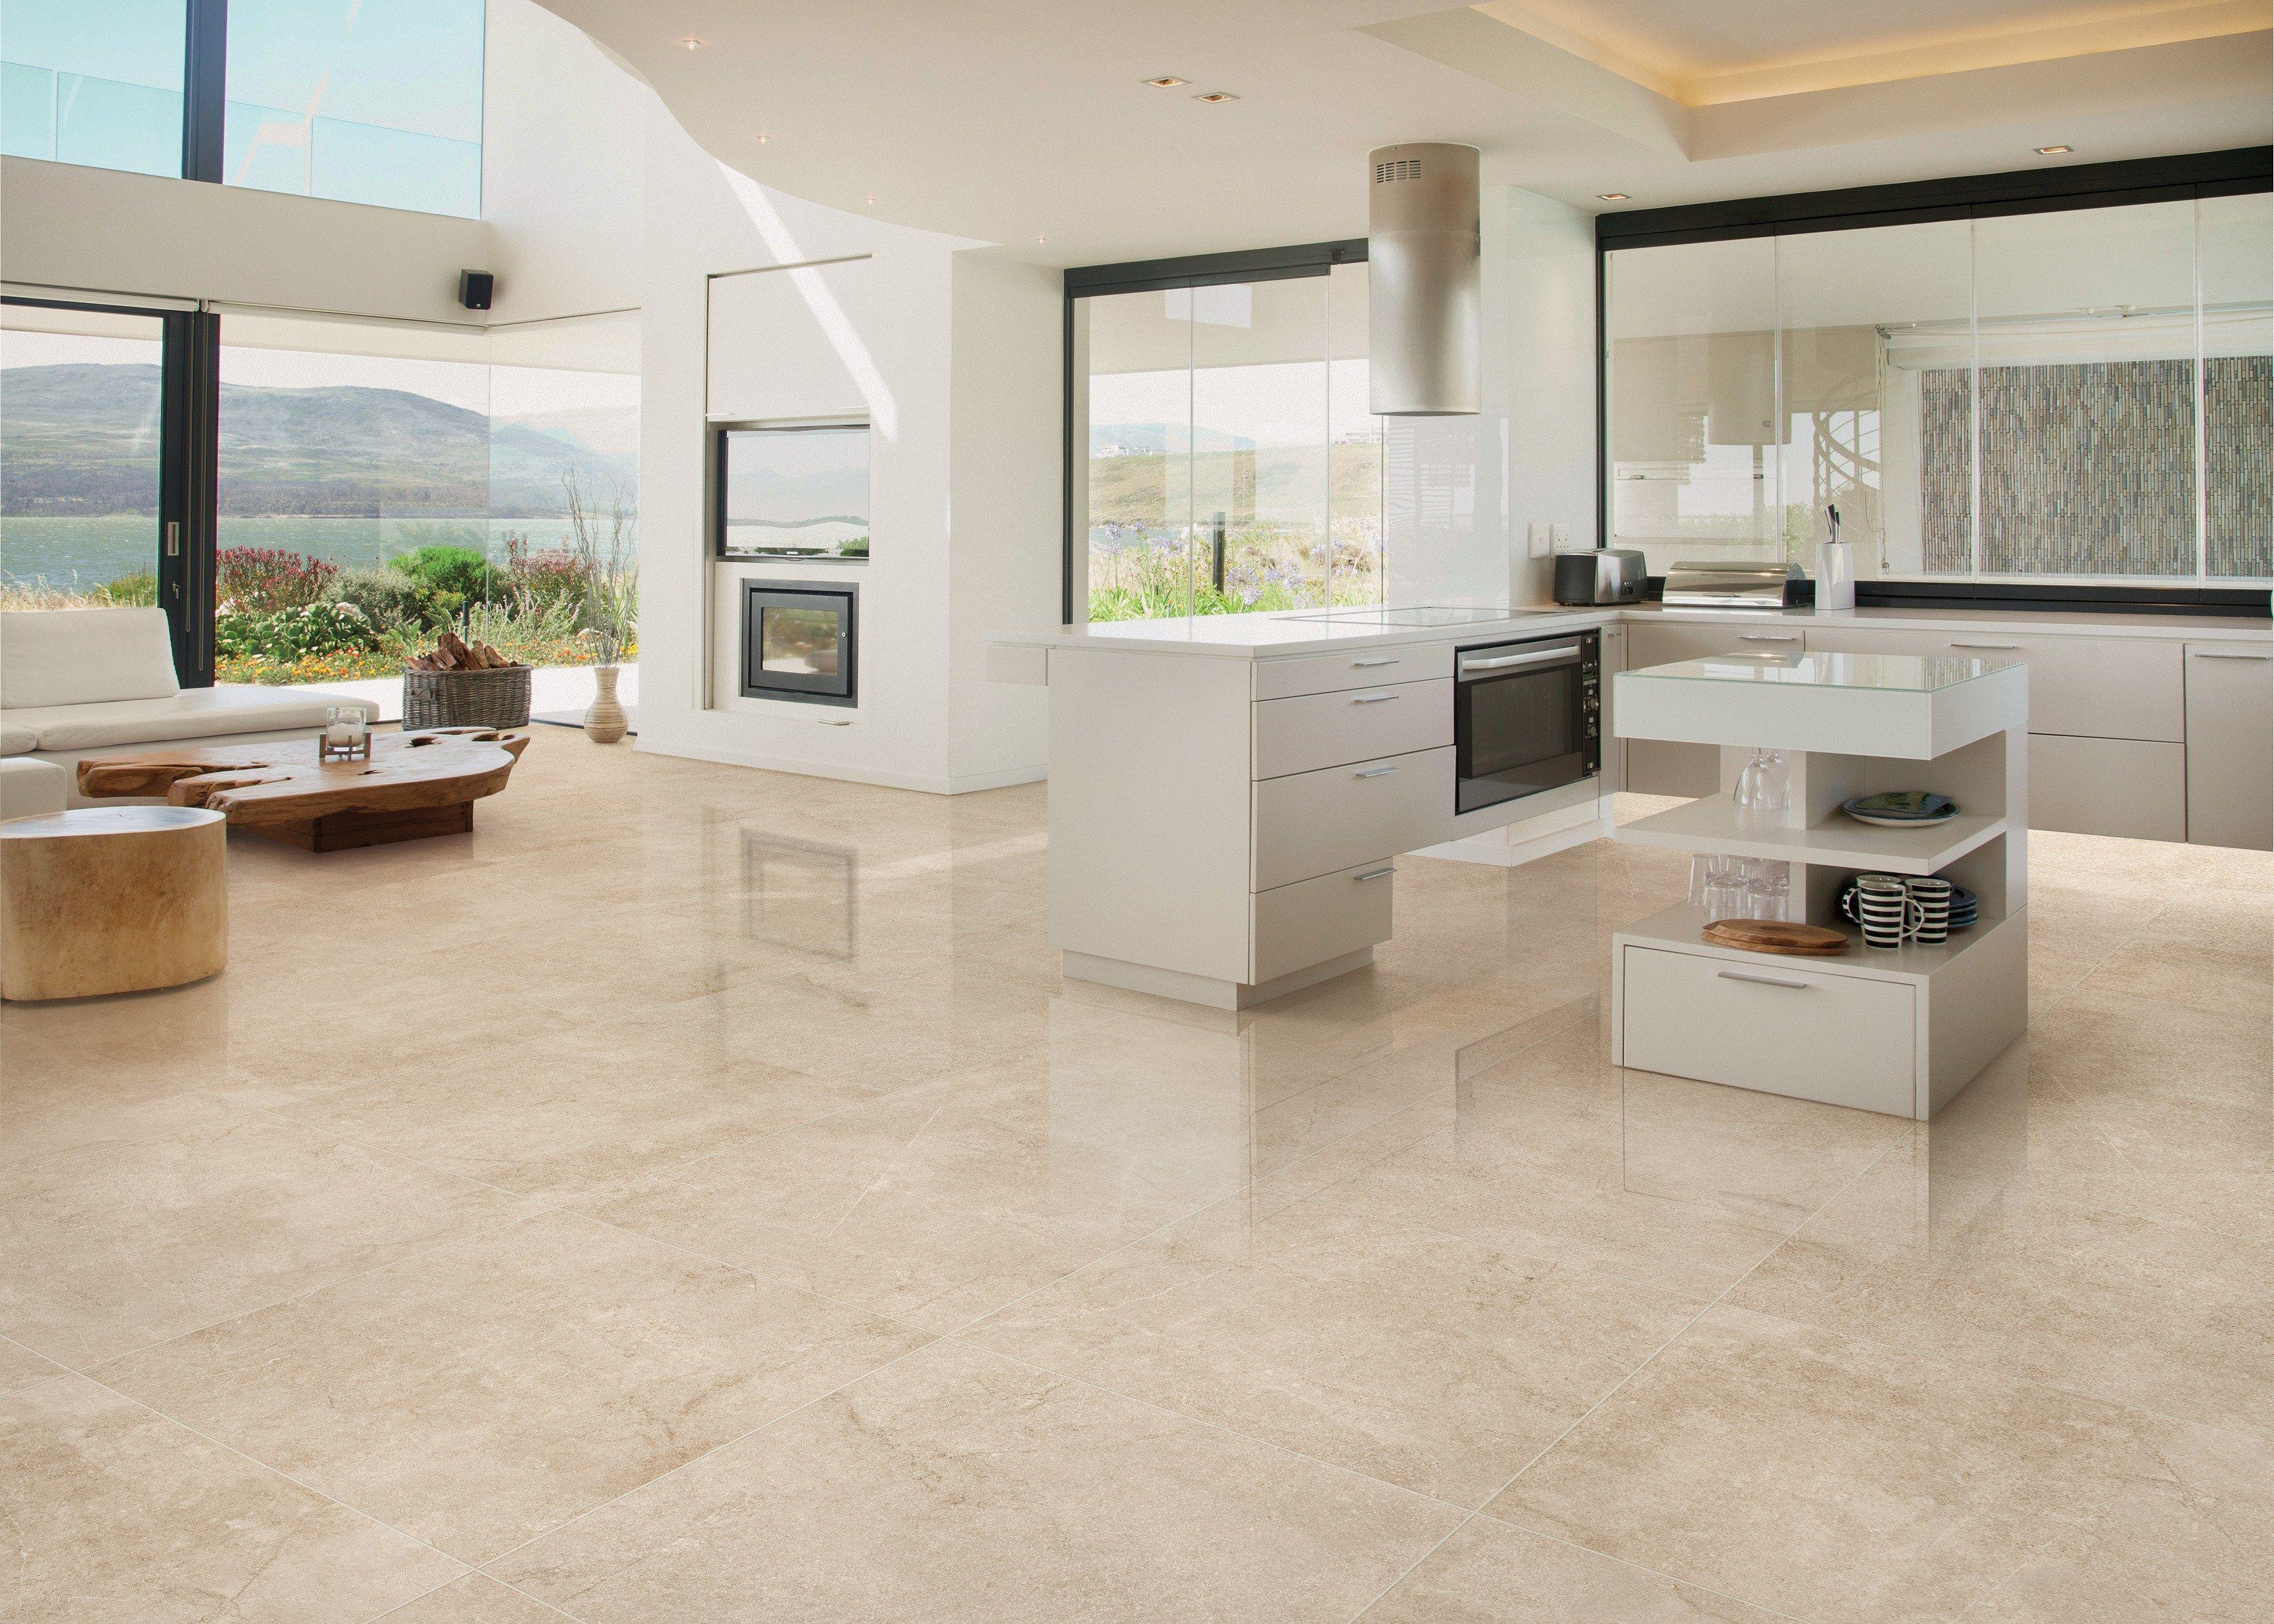 Pavimento in gres porcellanato effetto marmo luxury by for Ceramica rondine